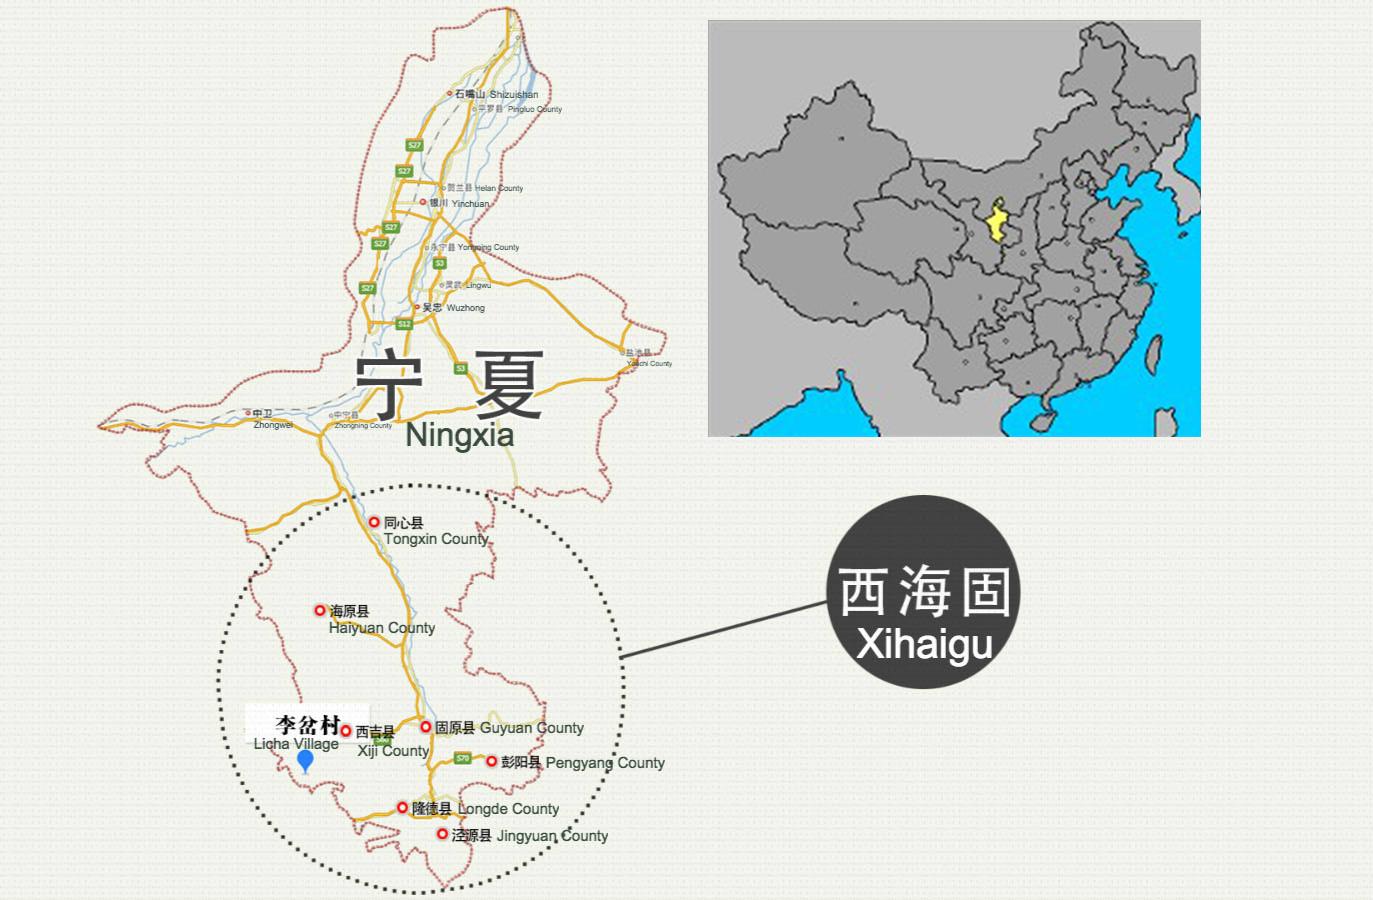 Ningxia China Map.Life Without Water In Xihaigu China Dialogue